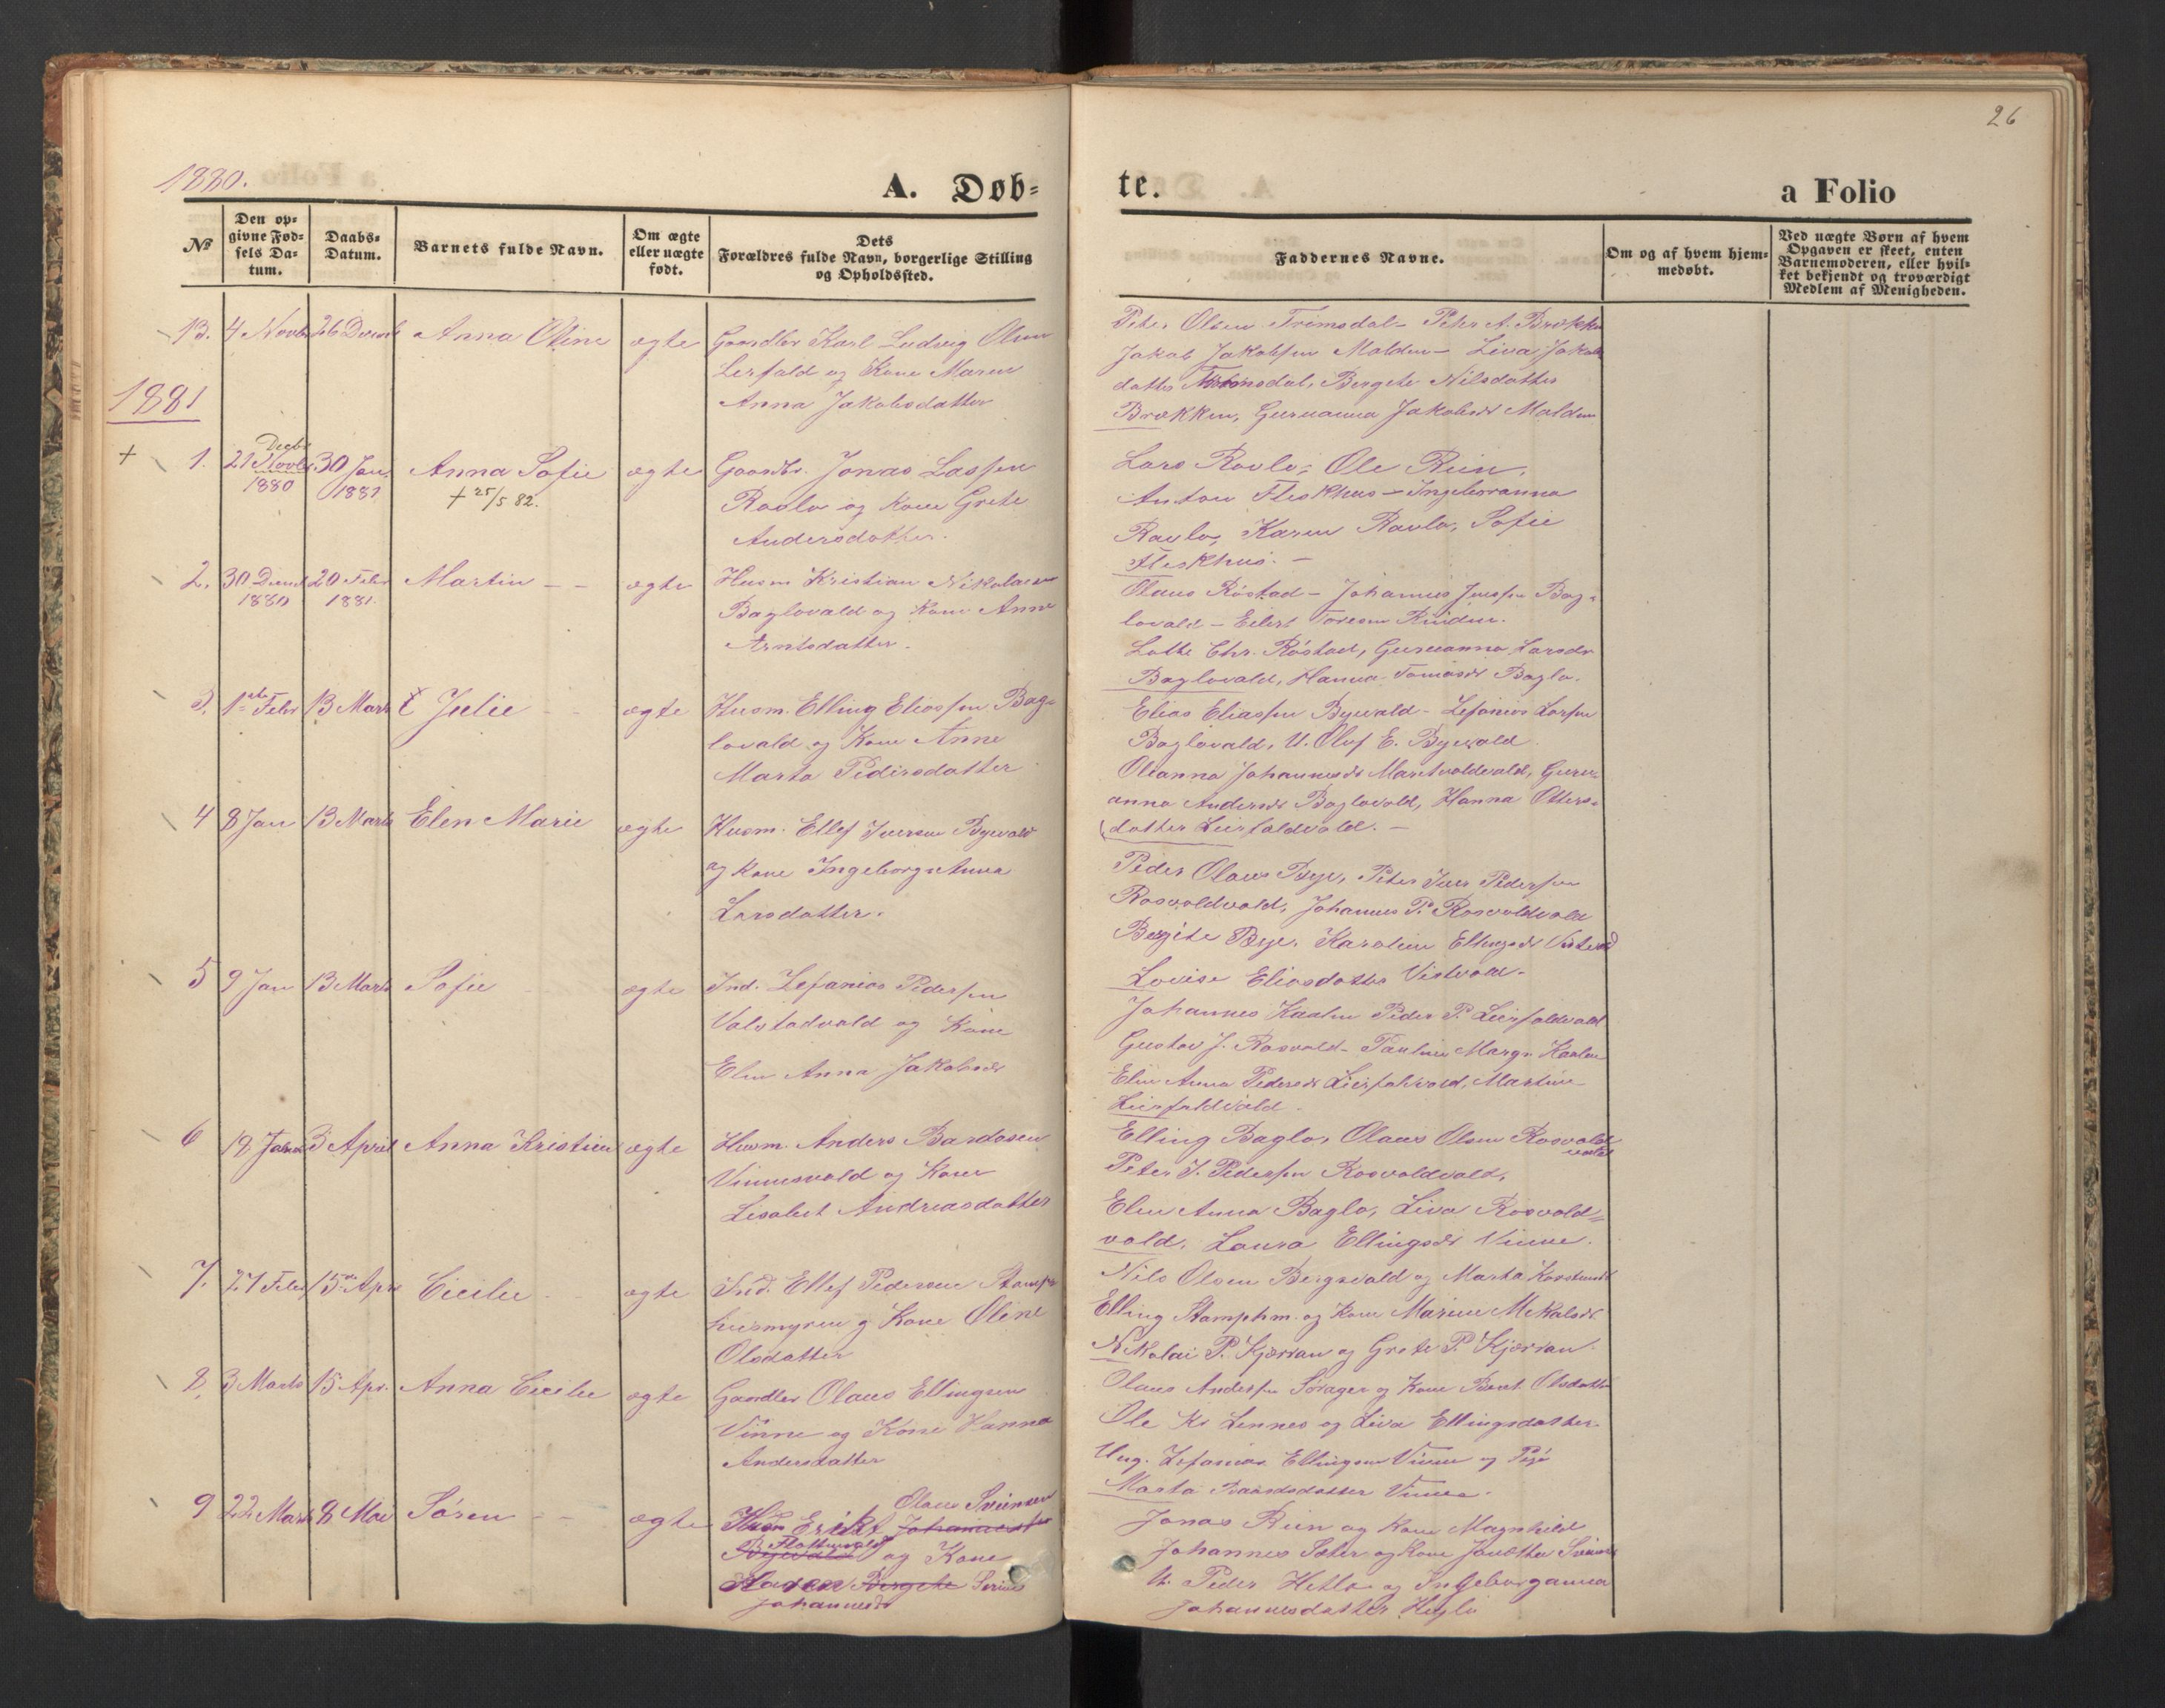 SAT, Ministerialprotokoller, klokkerbøker og fødselsregistre - Nord-Trøndelag, 726/L0271: Klokkerbok nr. 726C02, 1869-1897, s. 26